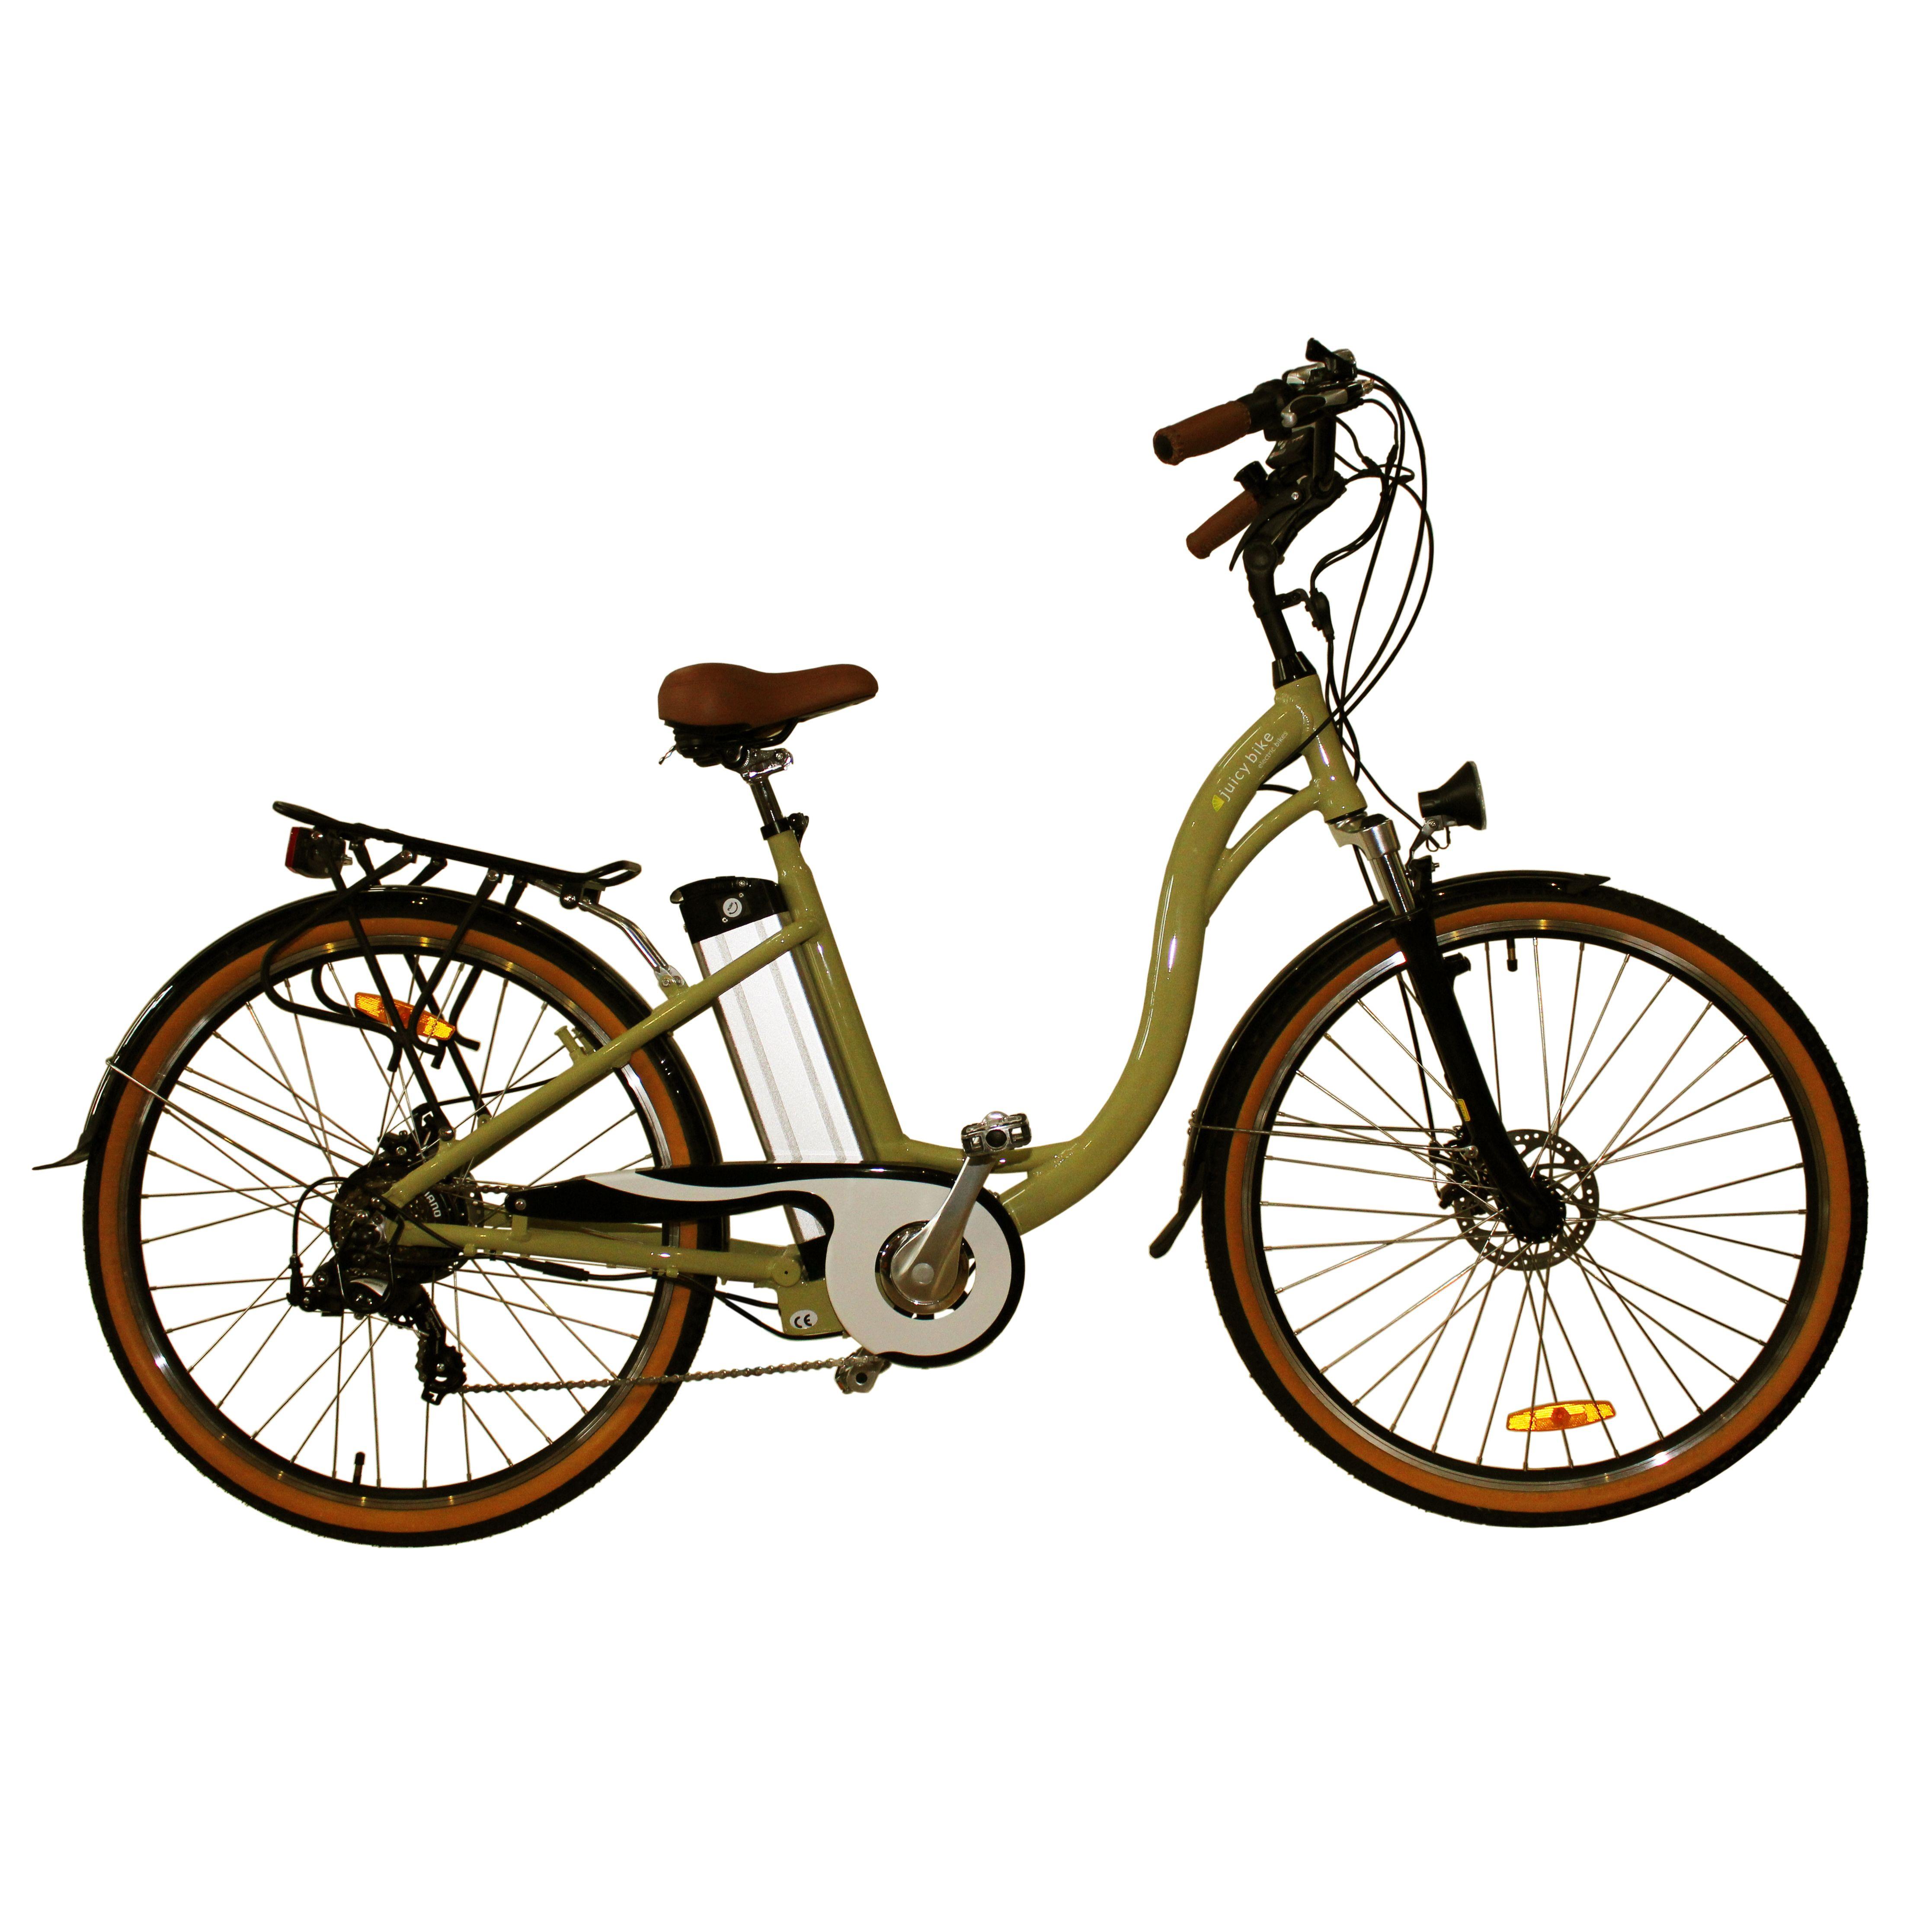 The Juicy Bike Dutch Style Electric Bike Range Bike Classic Style